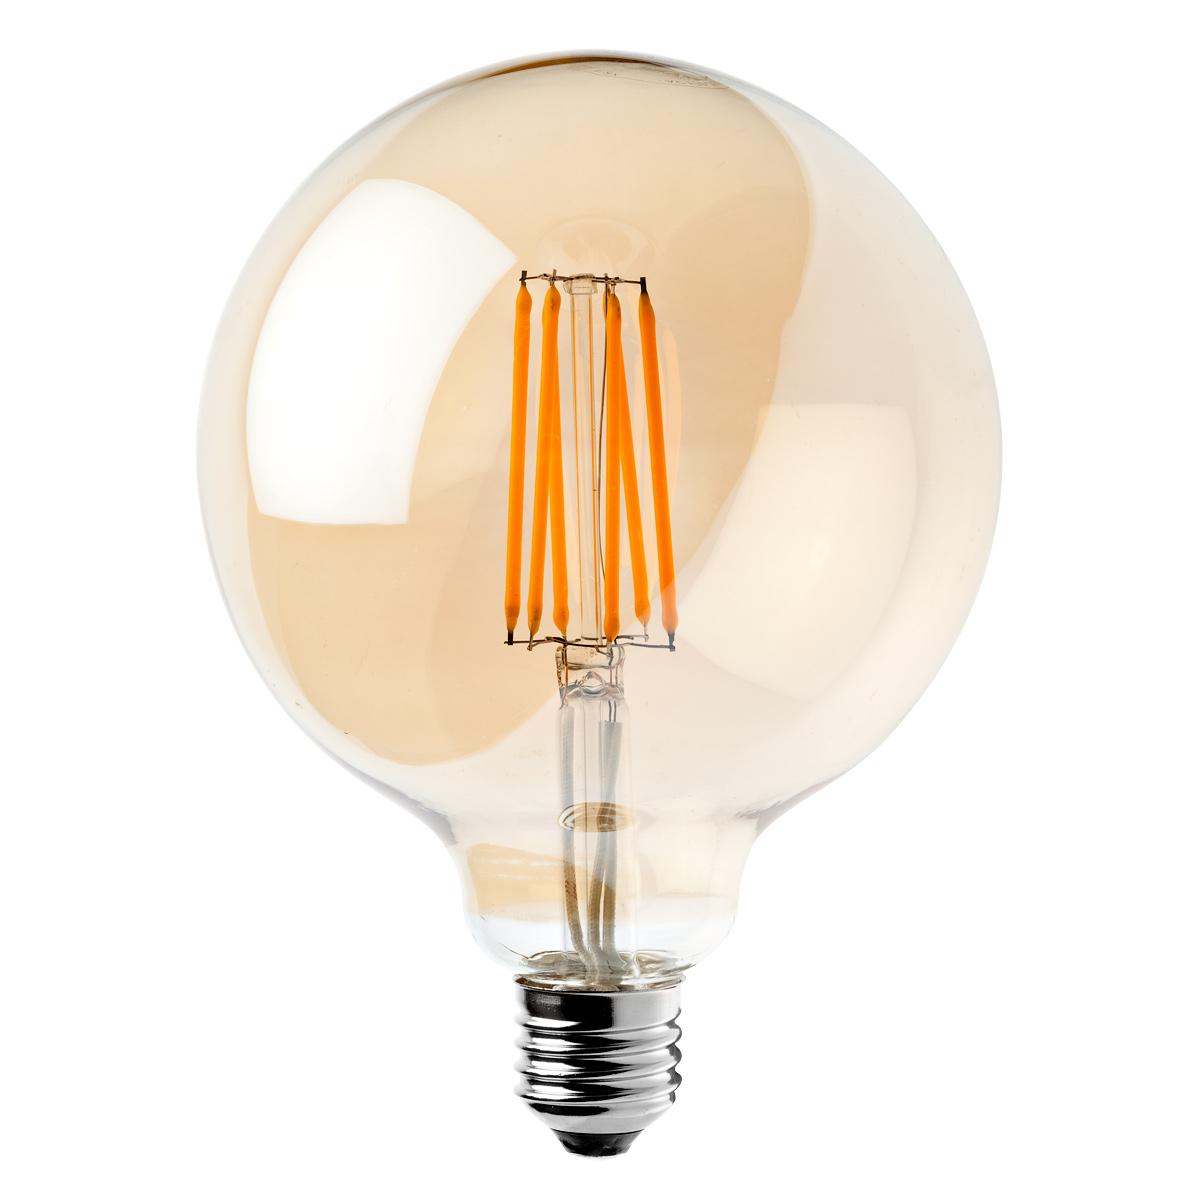 Лампа светодиодная МАЯК Led-g125df-e27/8w/2200 бактерицидная лампа дрт 125 1 магазины